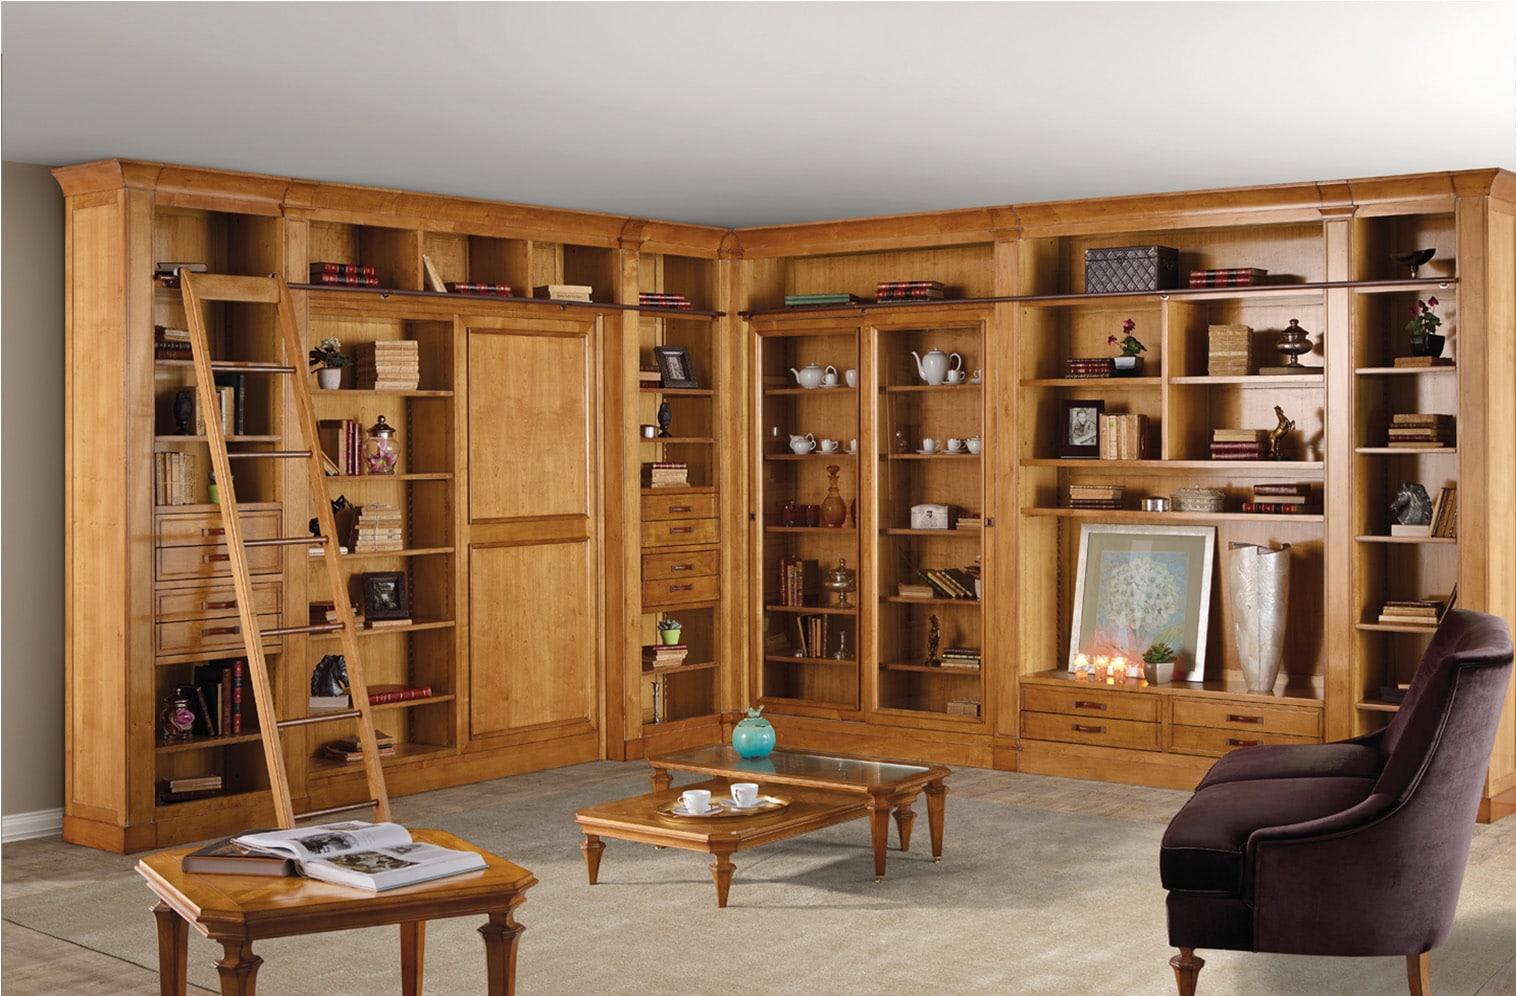 muebles de Salón clásico 4